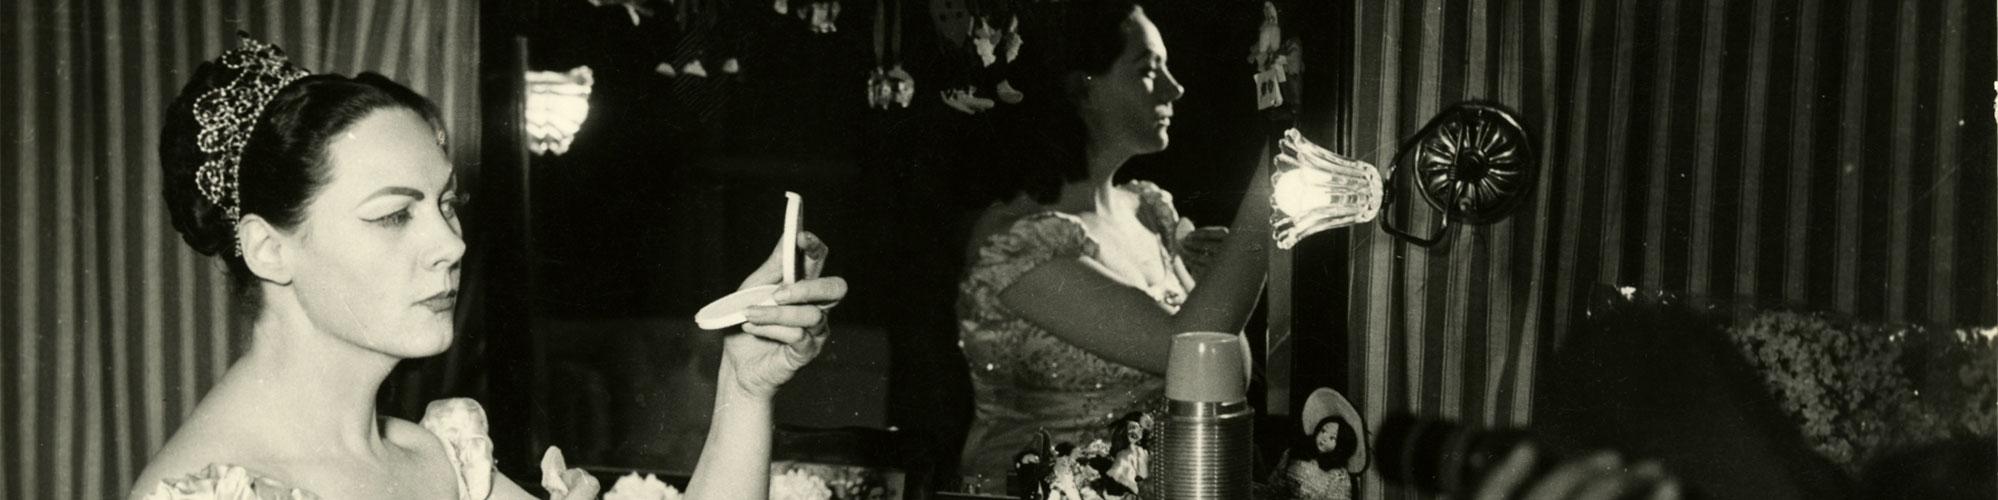 Renata Tebaldi, Tosca, Napoli 1958